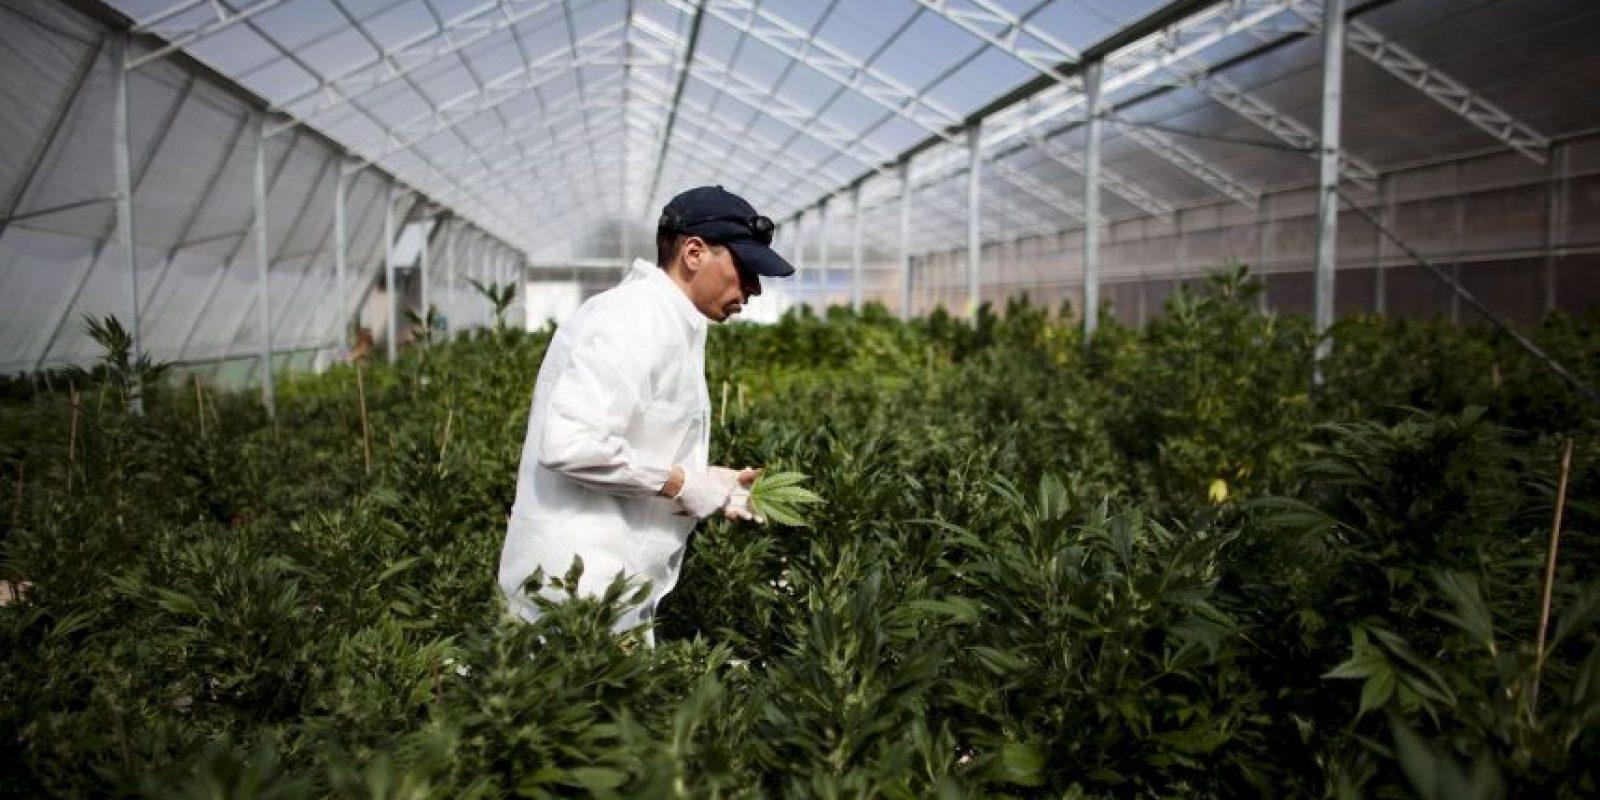 En 2009 se permitió traer consigo hasta cinco gramos de la yerba, para consumo personal Foto:Getty Images